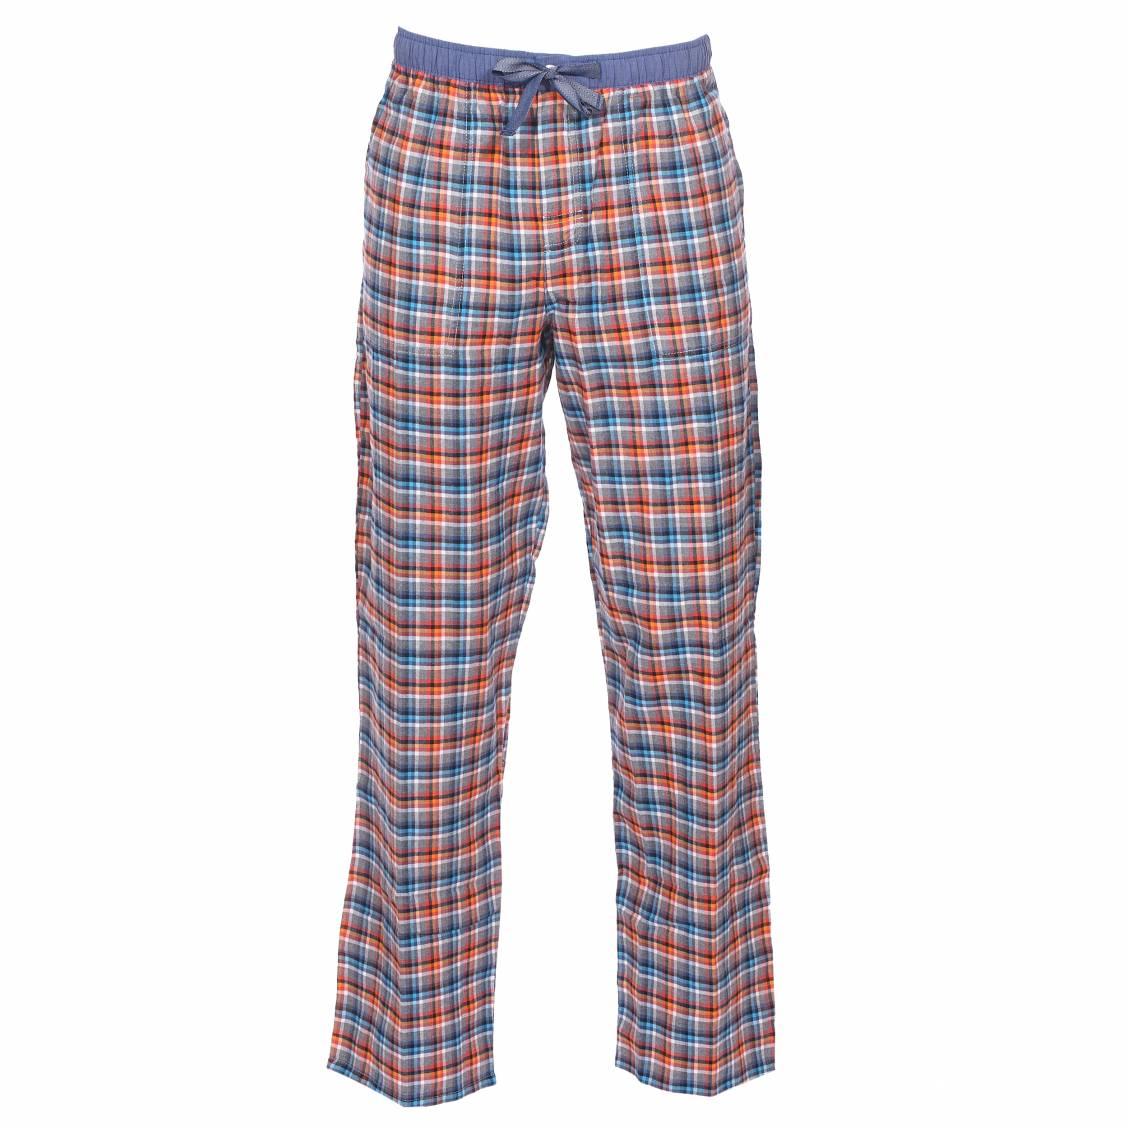 pantalon d 39 int rieur gaspard arthur gris carreaux orange turquoise blancs noirs et rouges. Black Bedroom Furniture Sets. Home Design Ideas